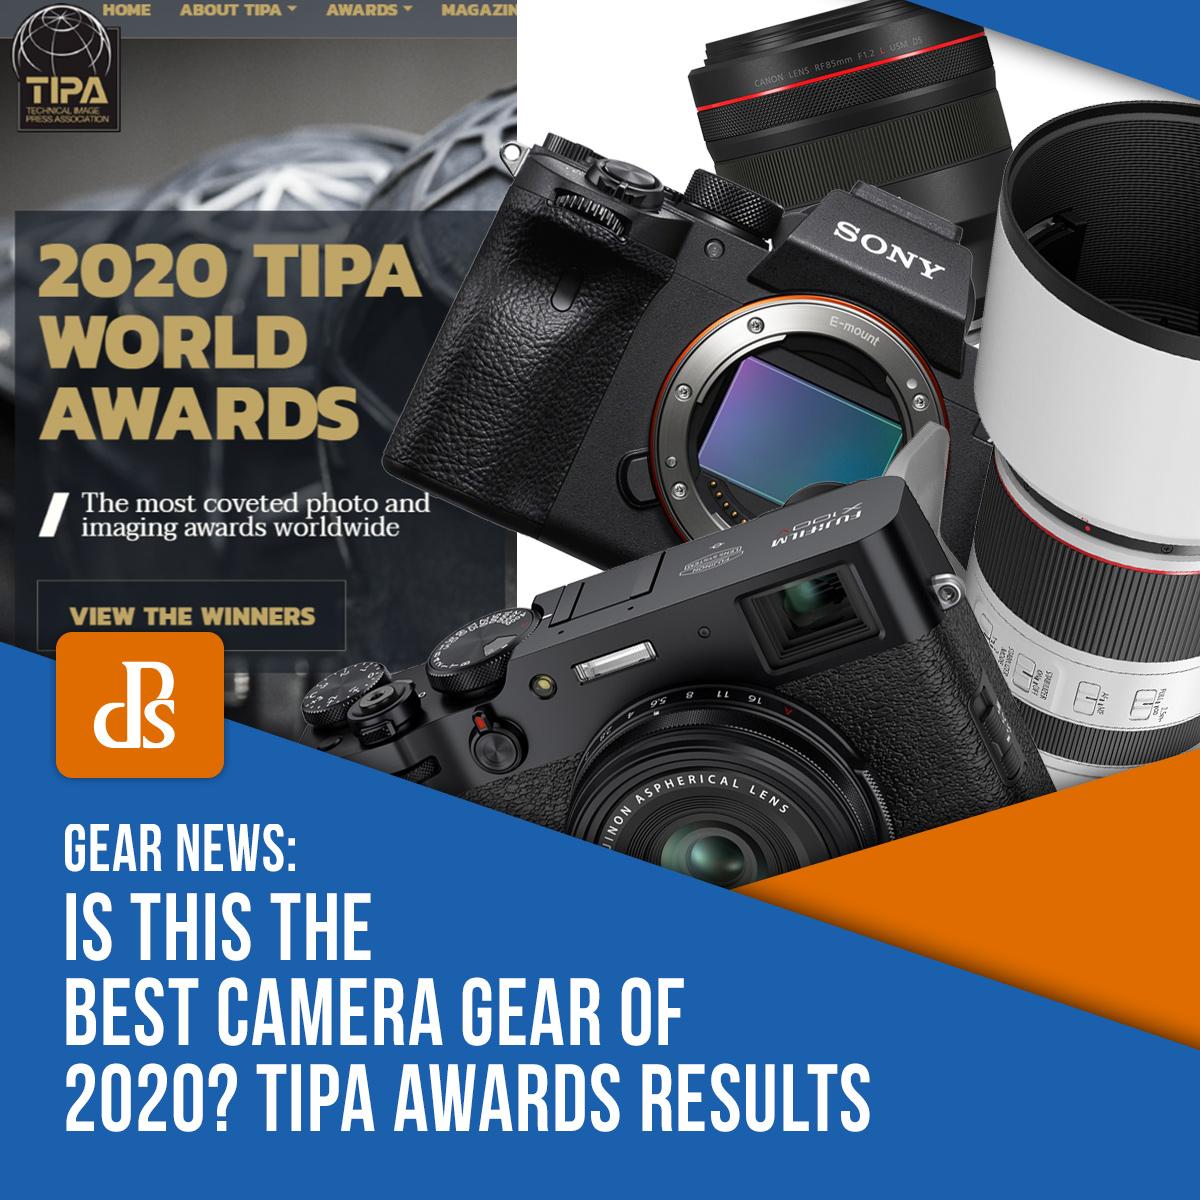 tipa award results 2020